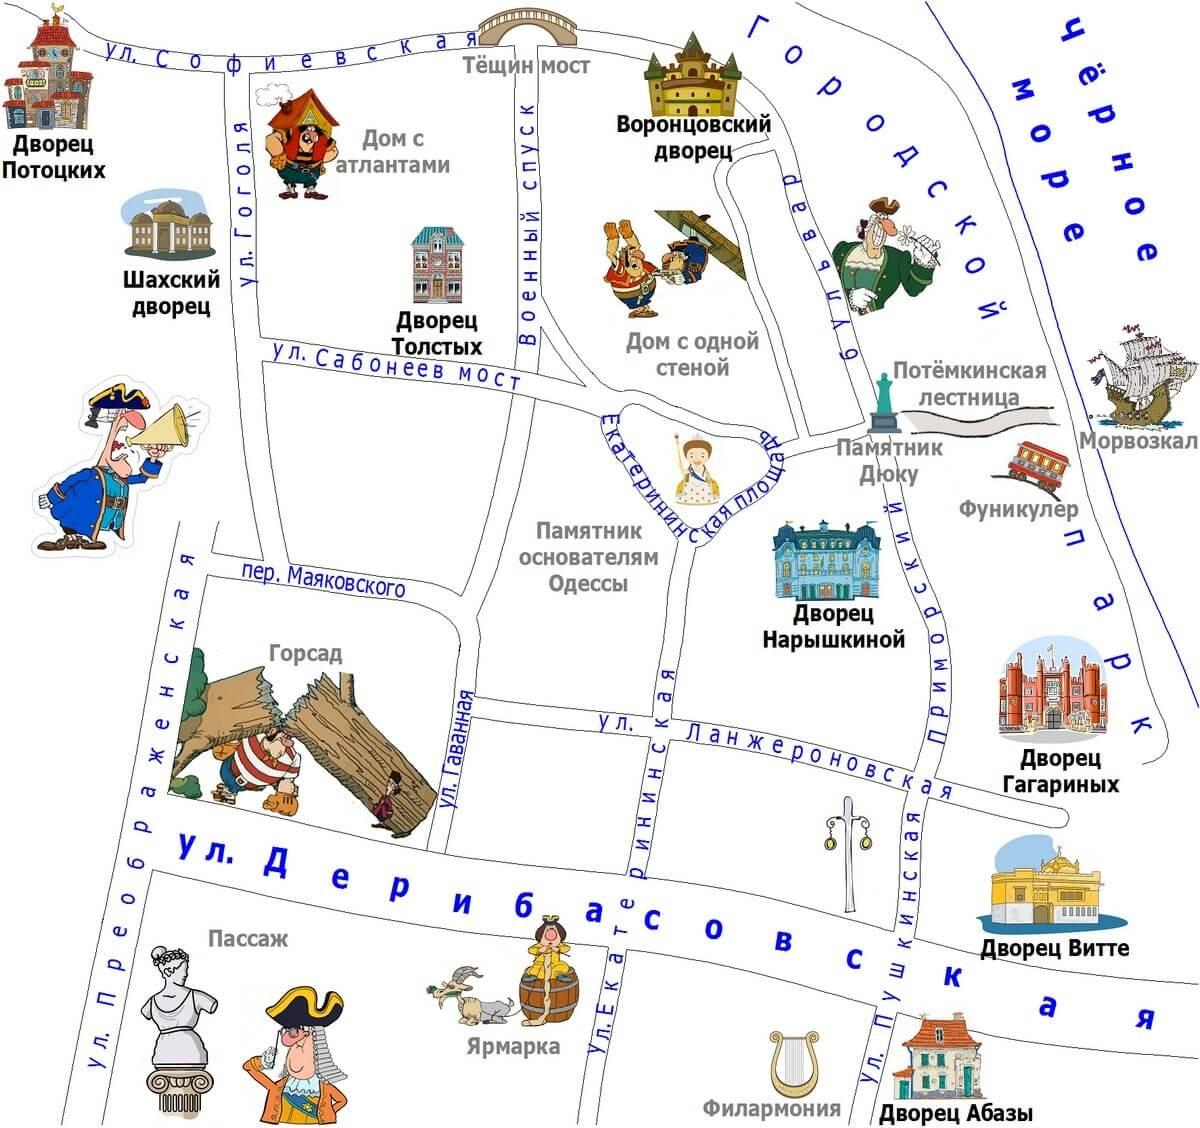 Одесские дворцы экскурсия карта